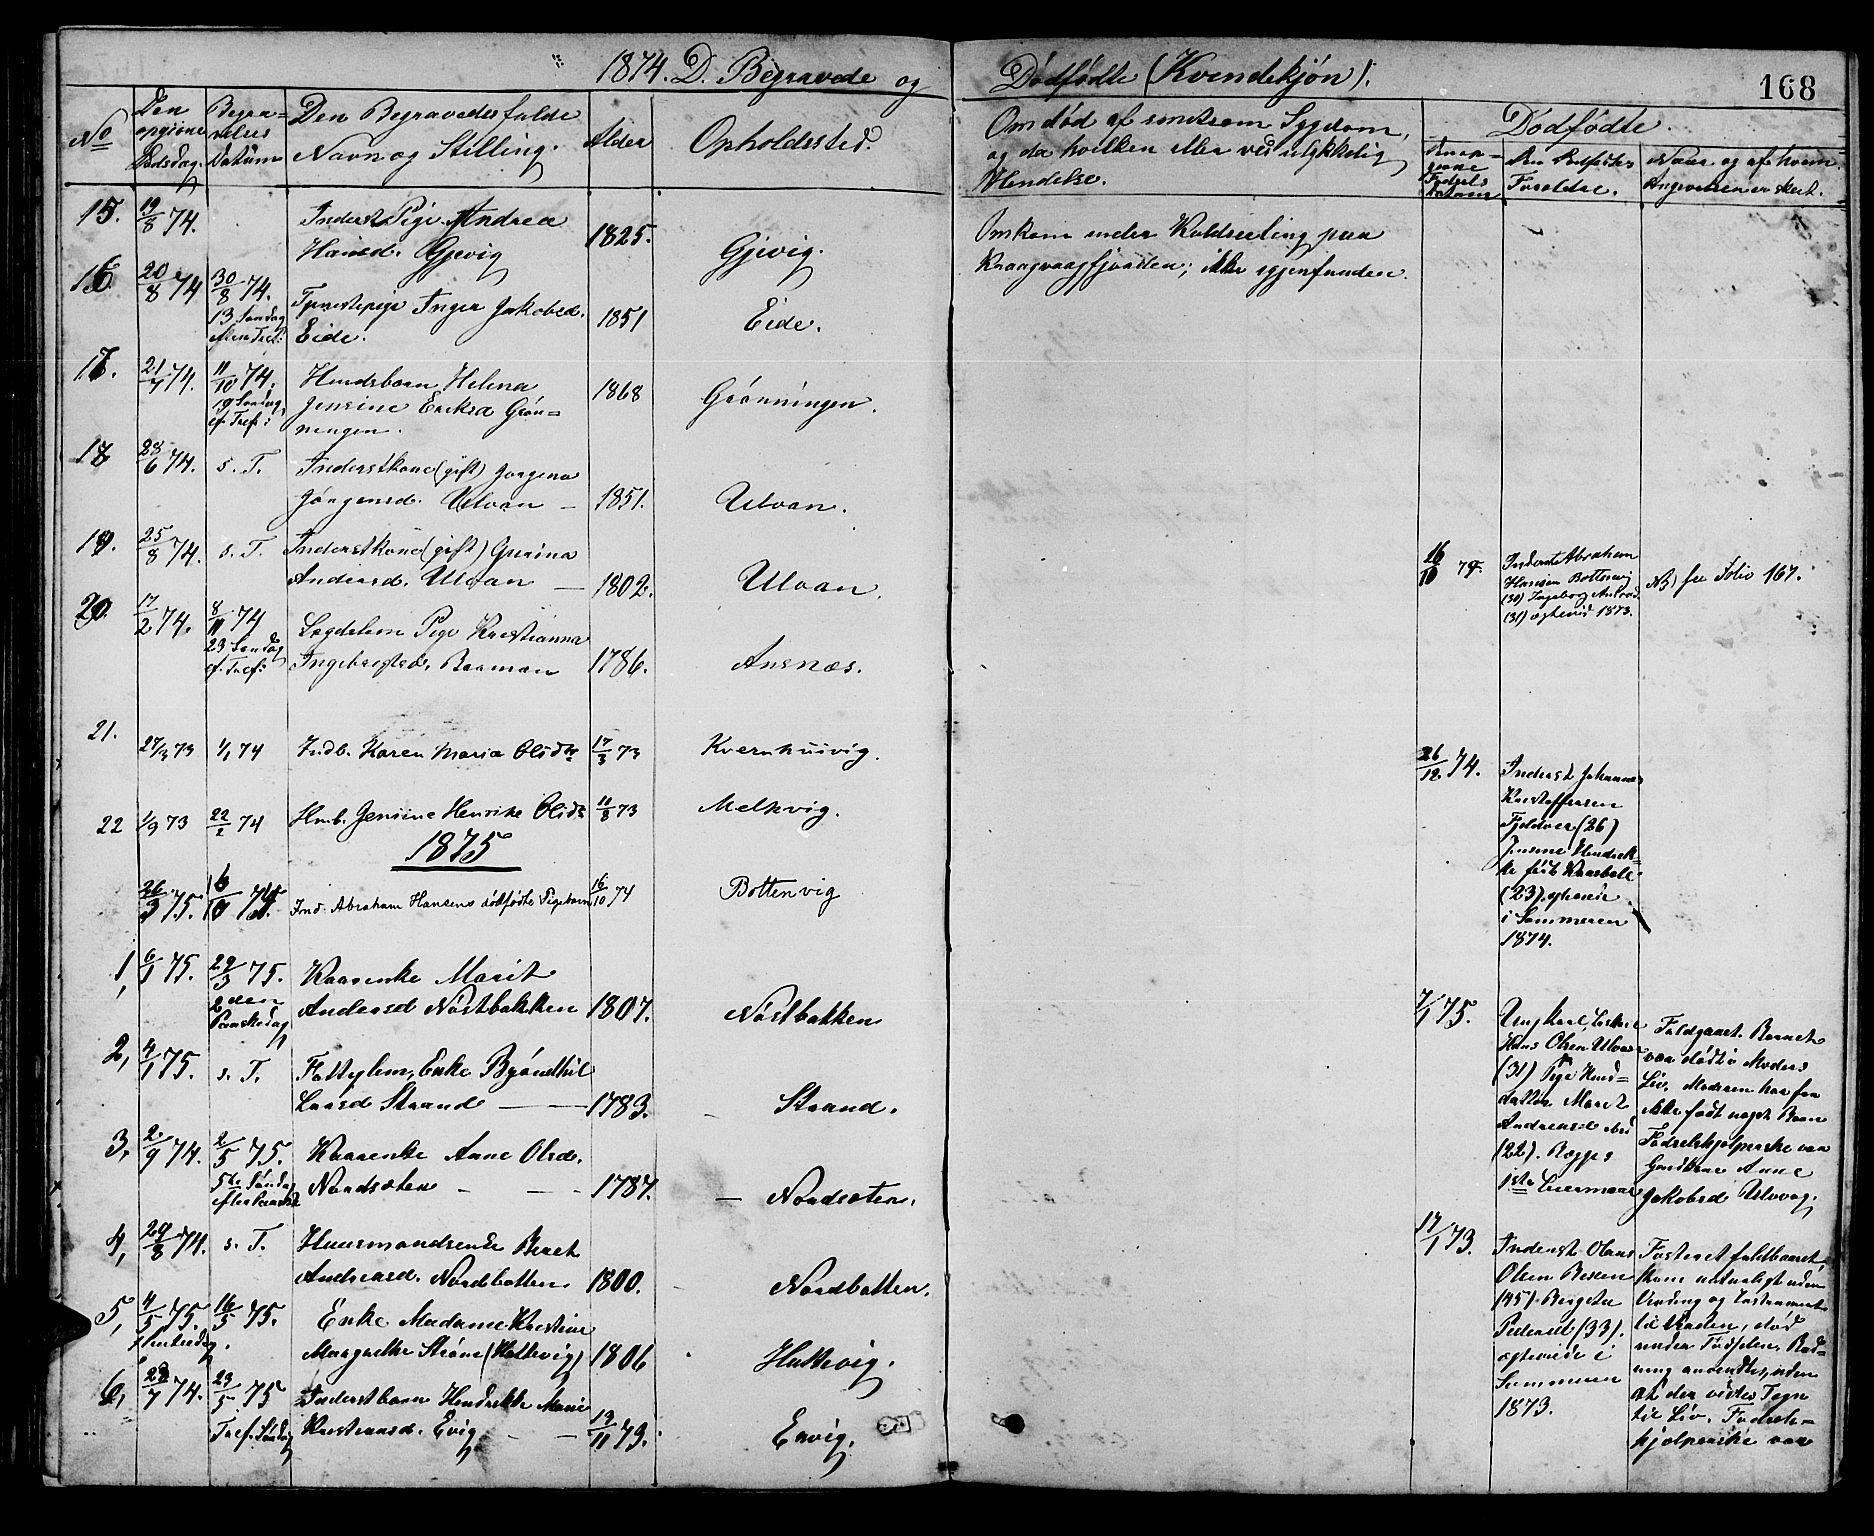 SAT, Ministerialprotokoller, klokkerbøker og fødselsregistre - Sør-Trøndelag, 637/L0561: Klokkerbok nr. 637C02, 1873-1882, s. 168